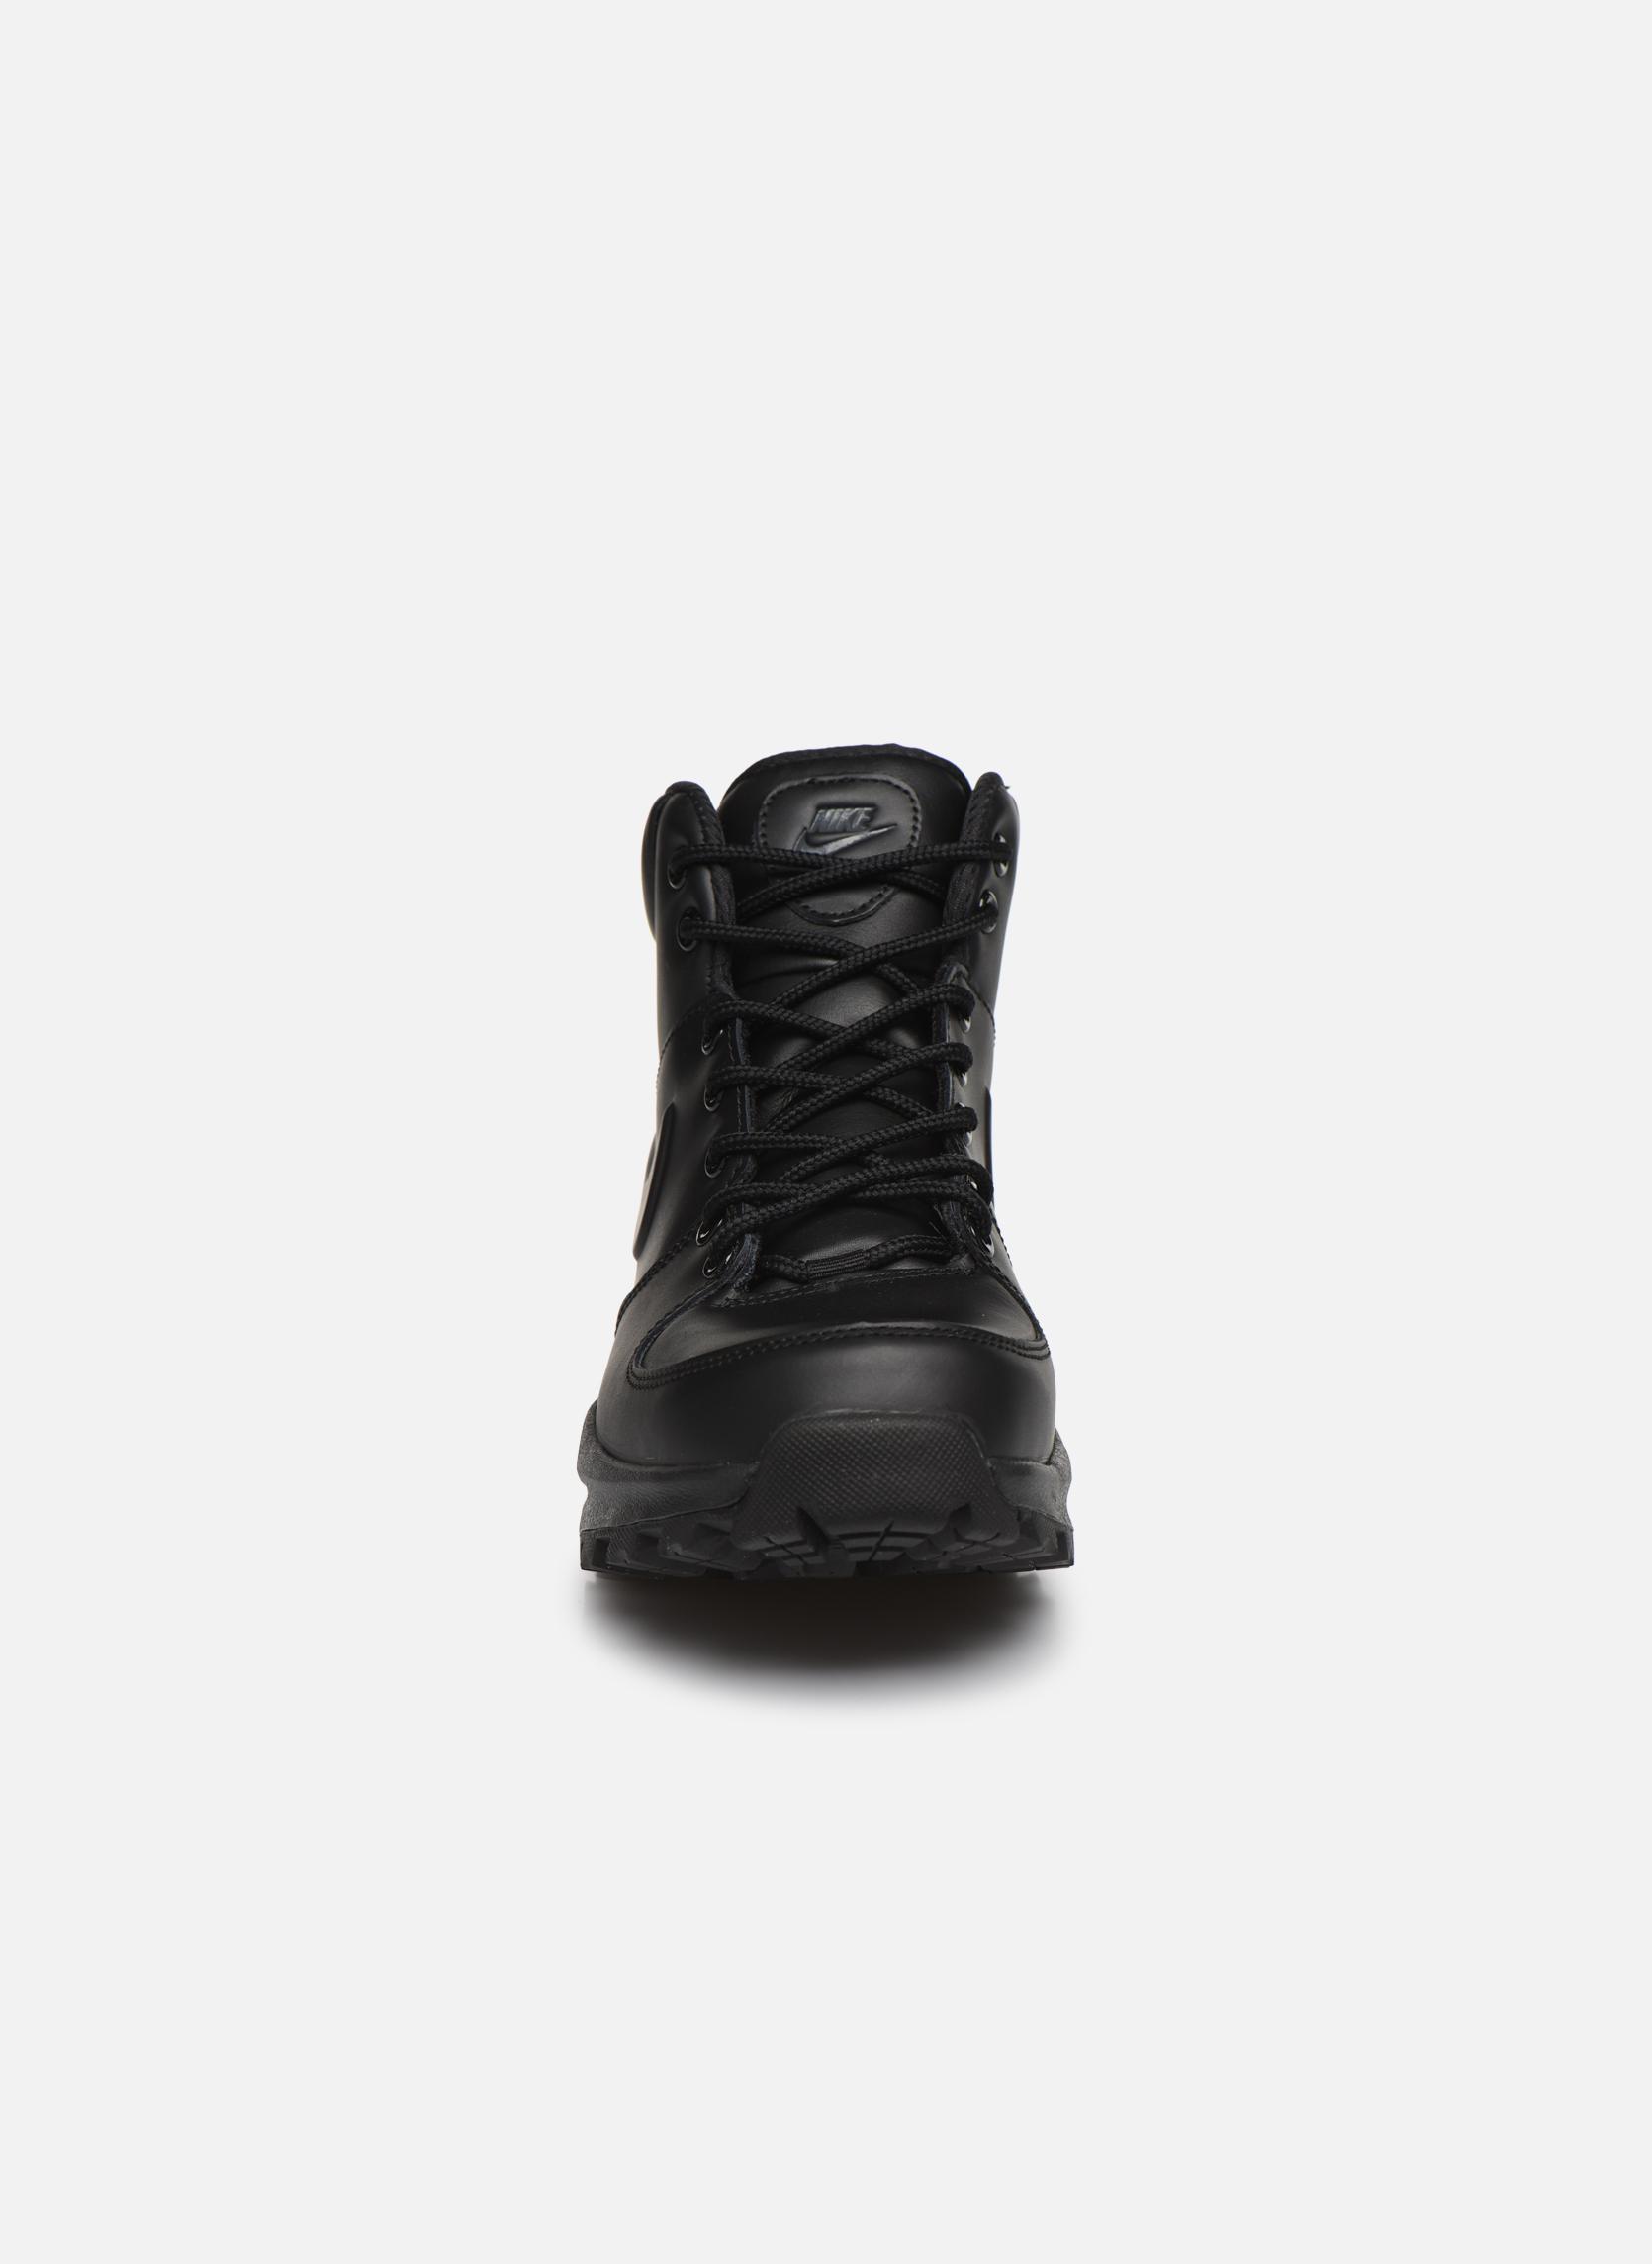 Bottines et boots Nike Manoa leather Noir vue portées chaussures